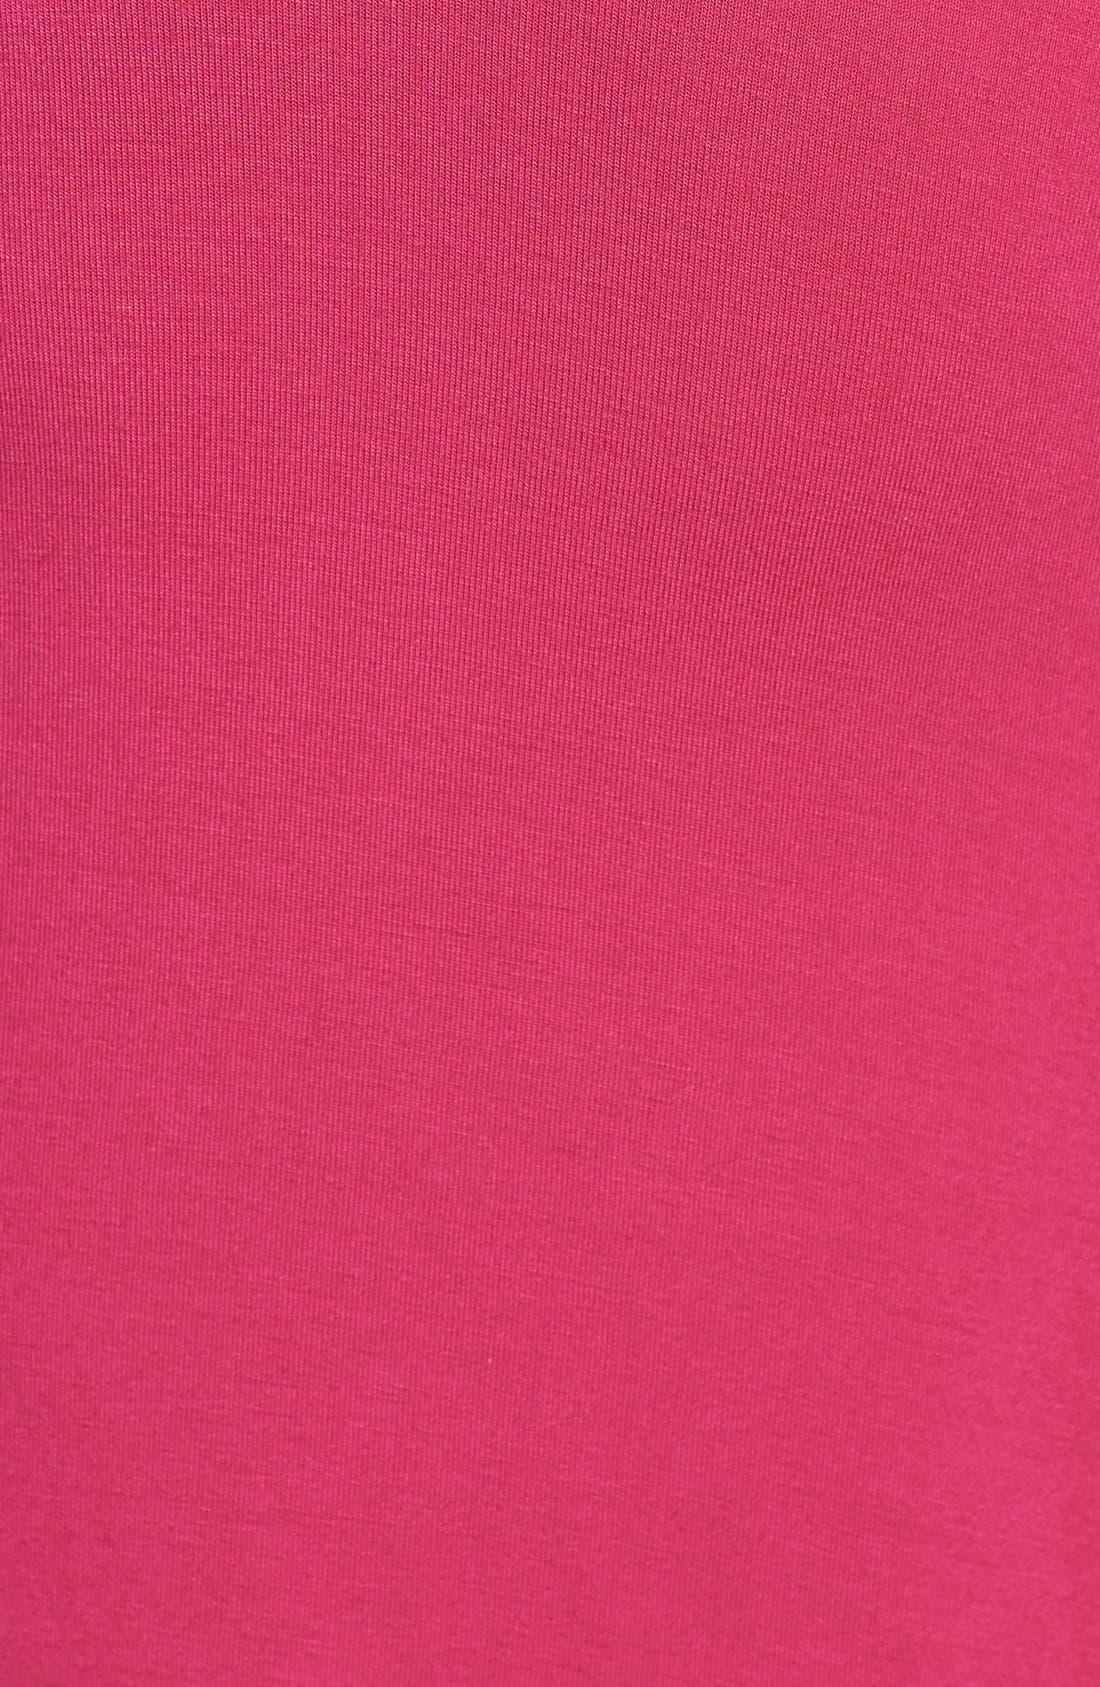 Alternate Image 3  - Honeydew Intimates Lace Trim Chemise